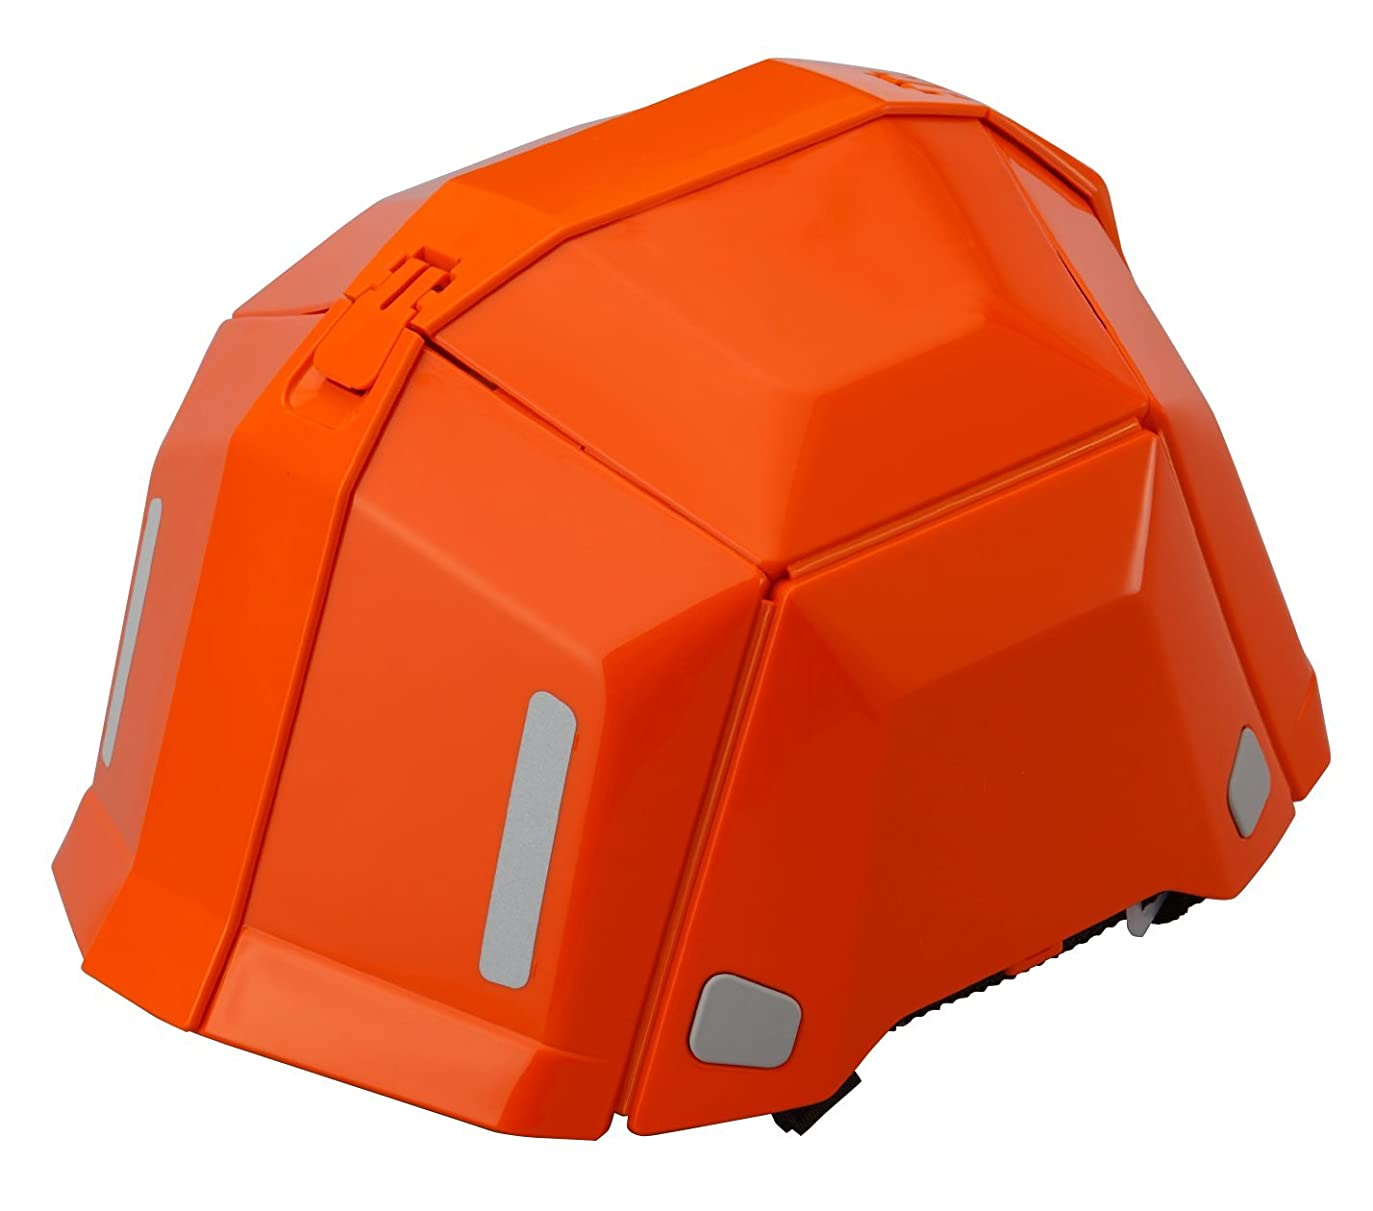 無効にする歯痛靴TOYO 防災用折りたたみヘルメット BLOOM II No.101 オレンジ